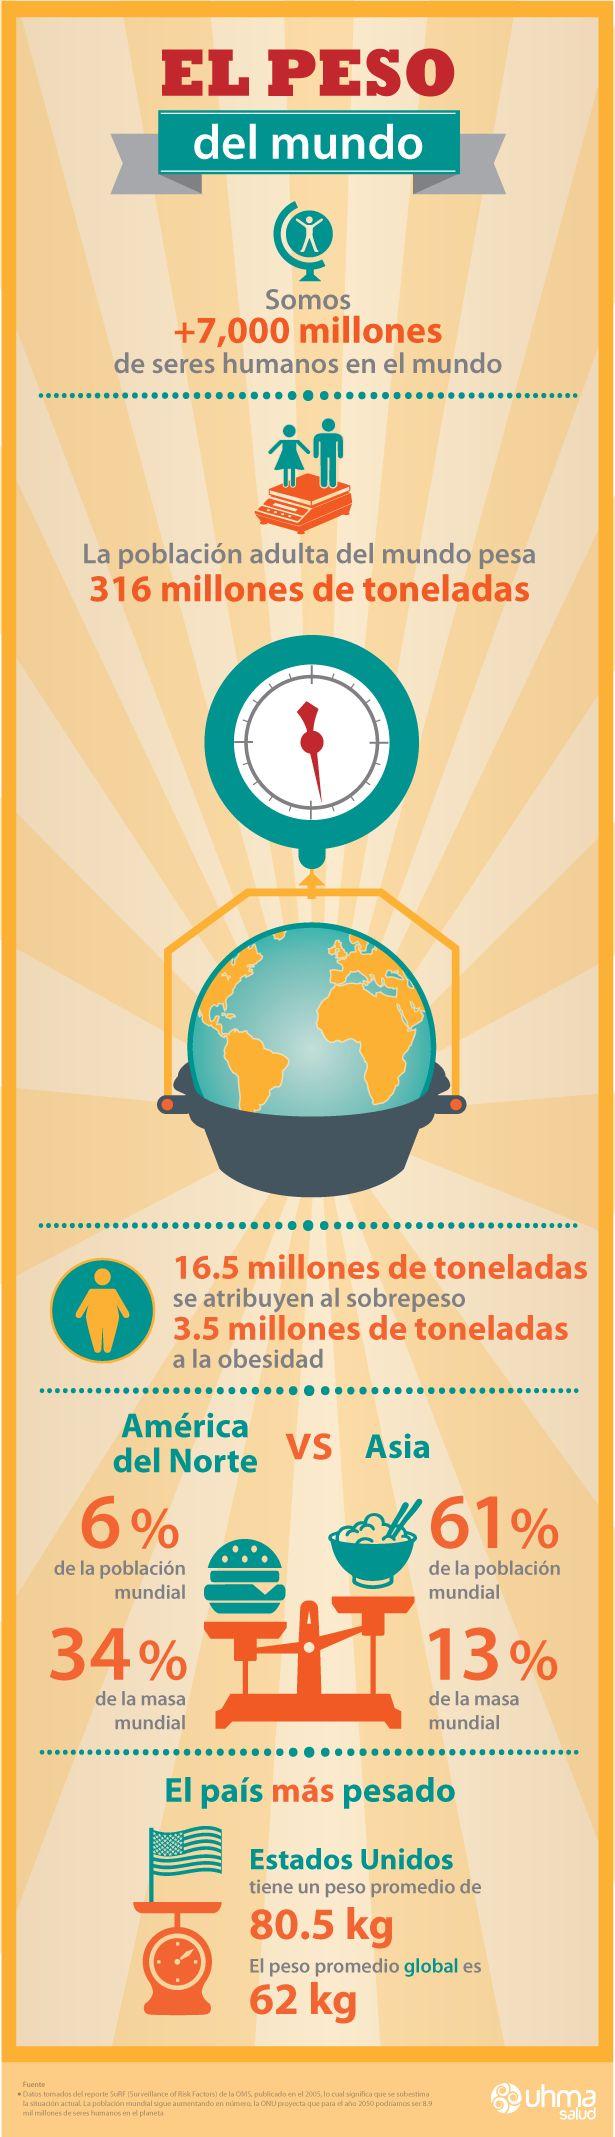 El peso del mundo. Infografía.